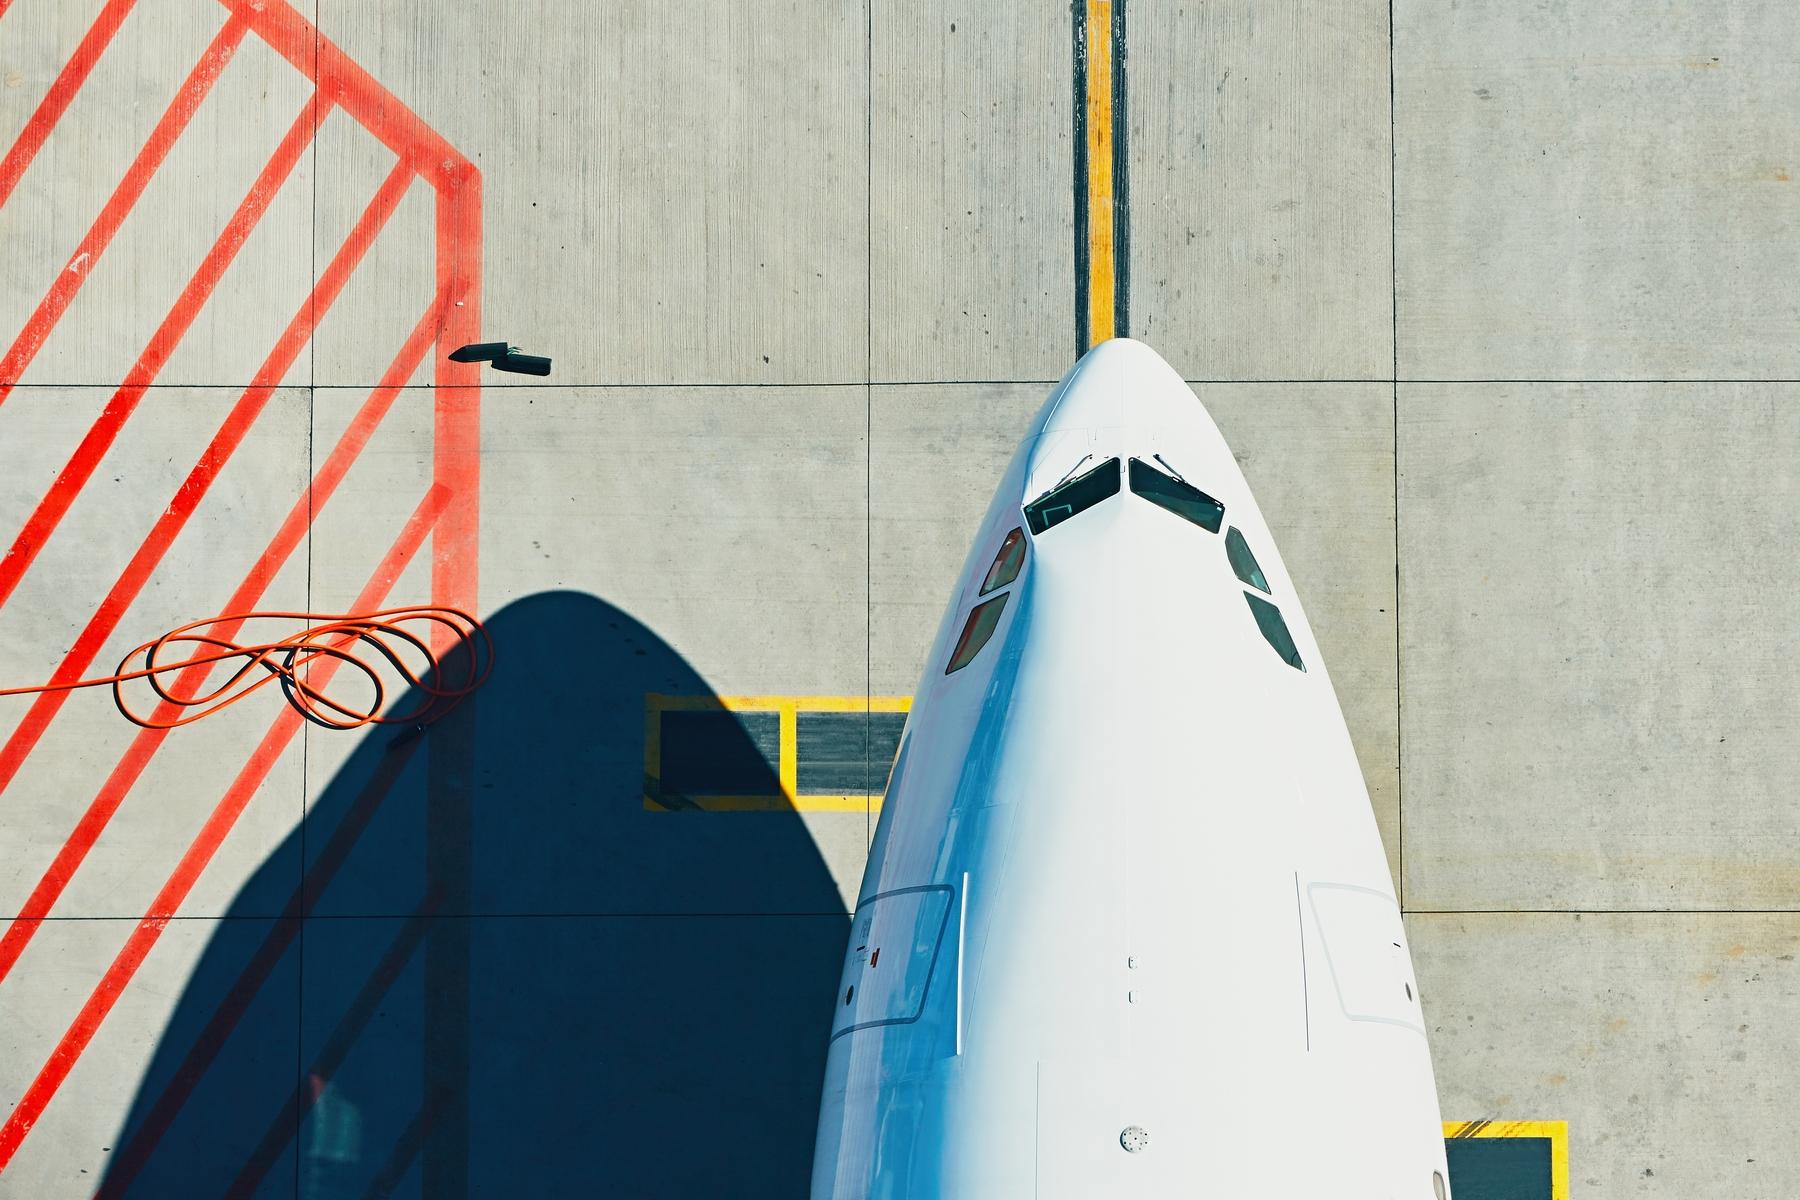 Кто знает, каким будет будущее авиации и путешествий? Скайсканер задал этот вопрос экспертам и получил очень интересные прогнозы.